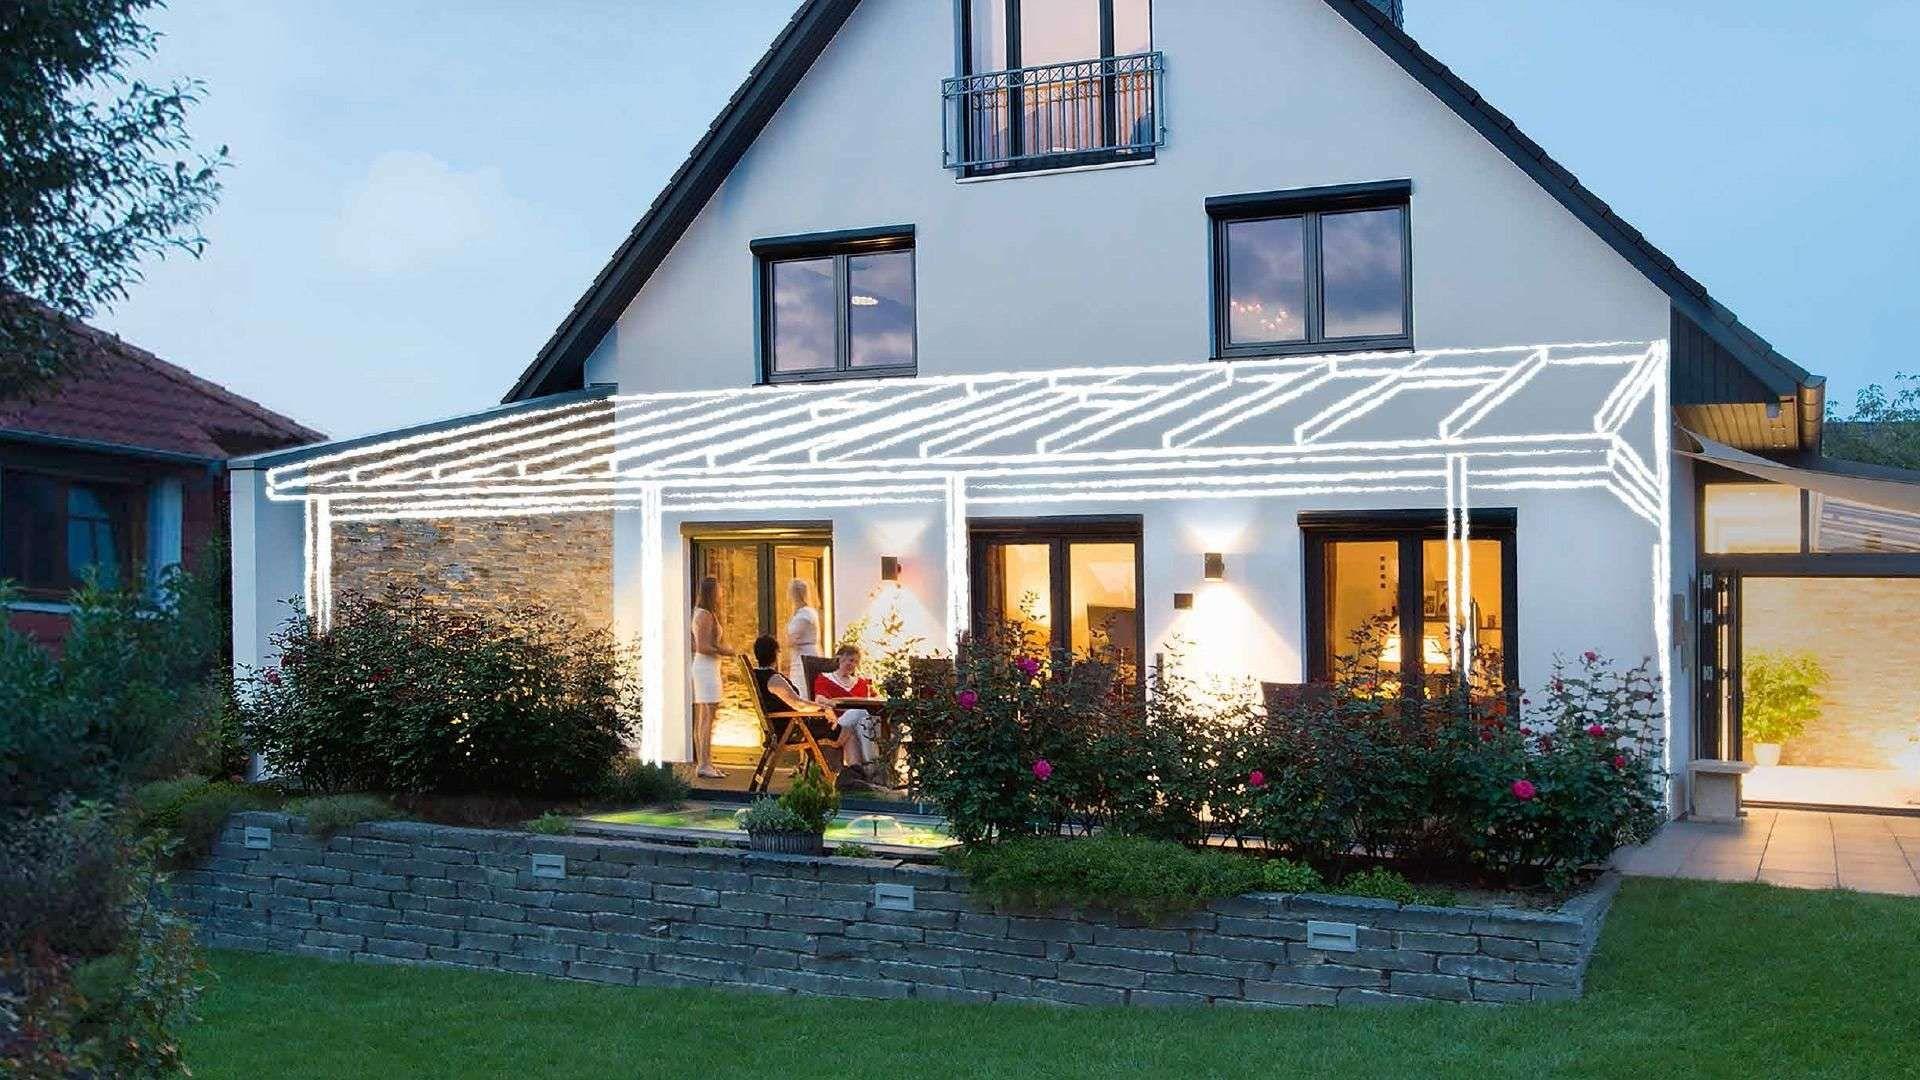 Solarlux Wohnfühlen - offen für Neues